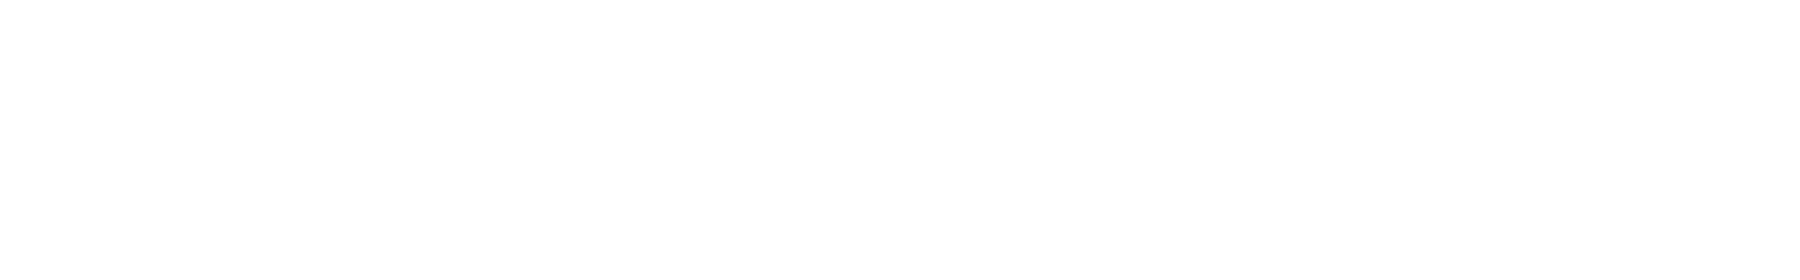 mc09 acid bassline05 110 em